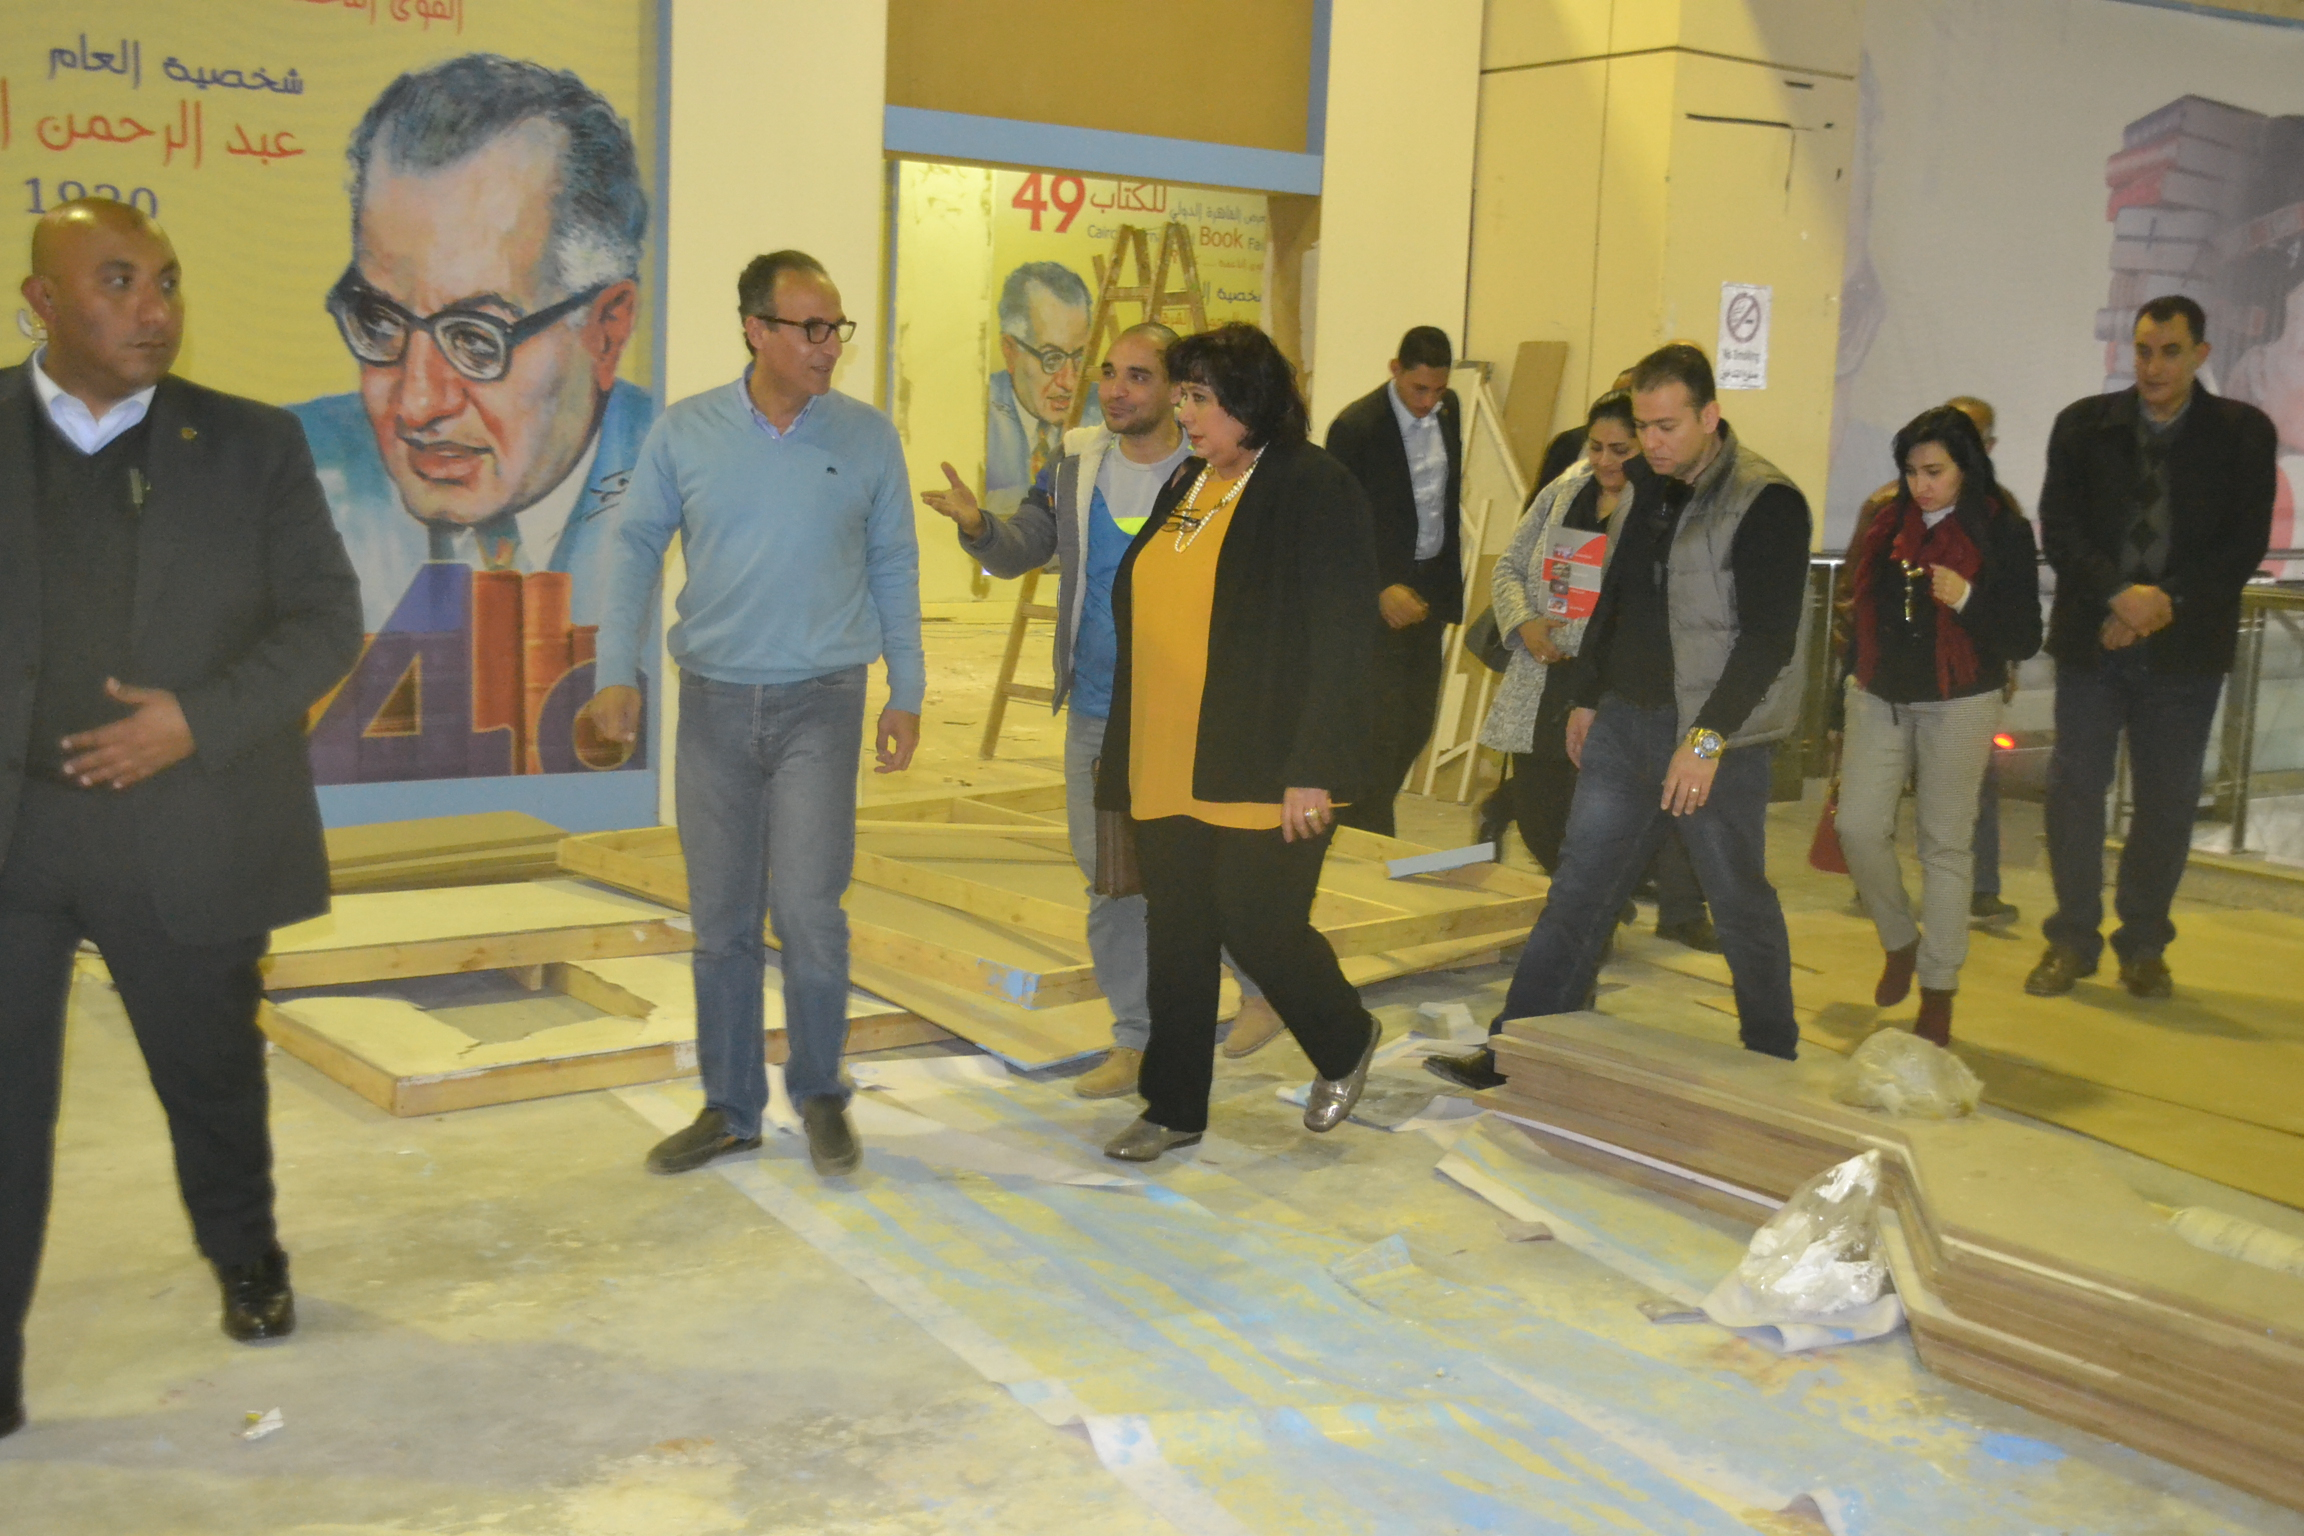 د.إيناس عبد الدايم تتفقد استعدادات المعرض بمصاحبة د.هيثم الحاج على 2